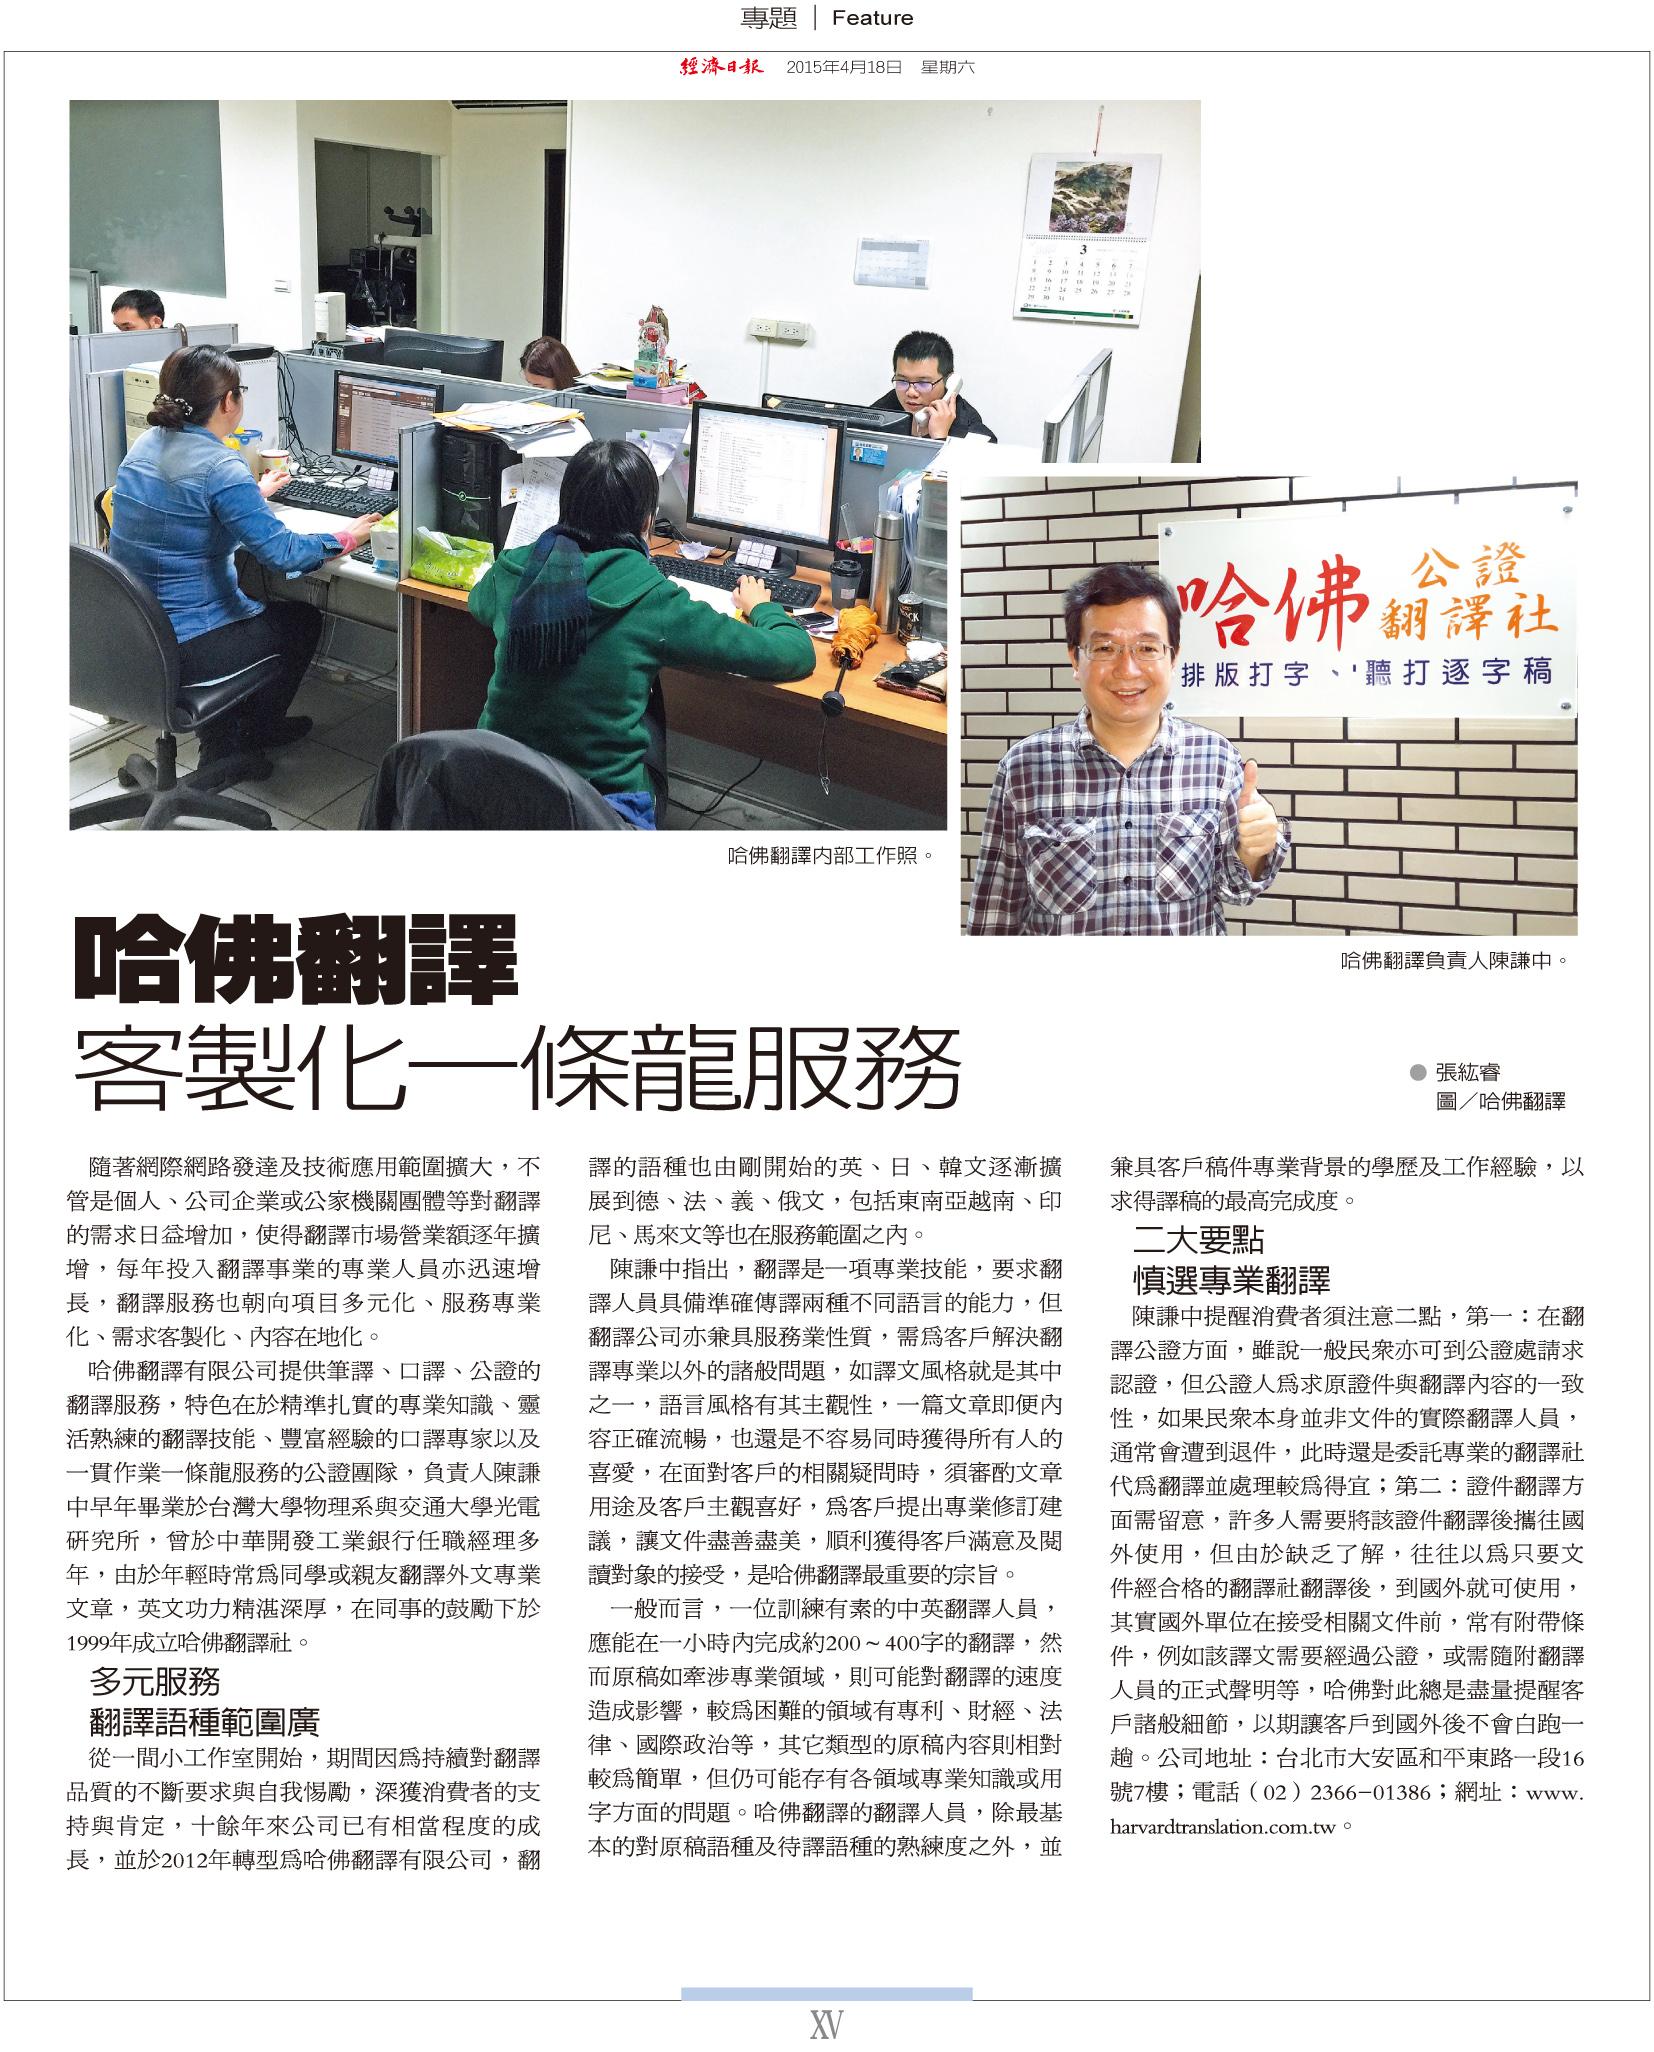 經濟日報專訪哈佛翻譯社